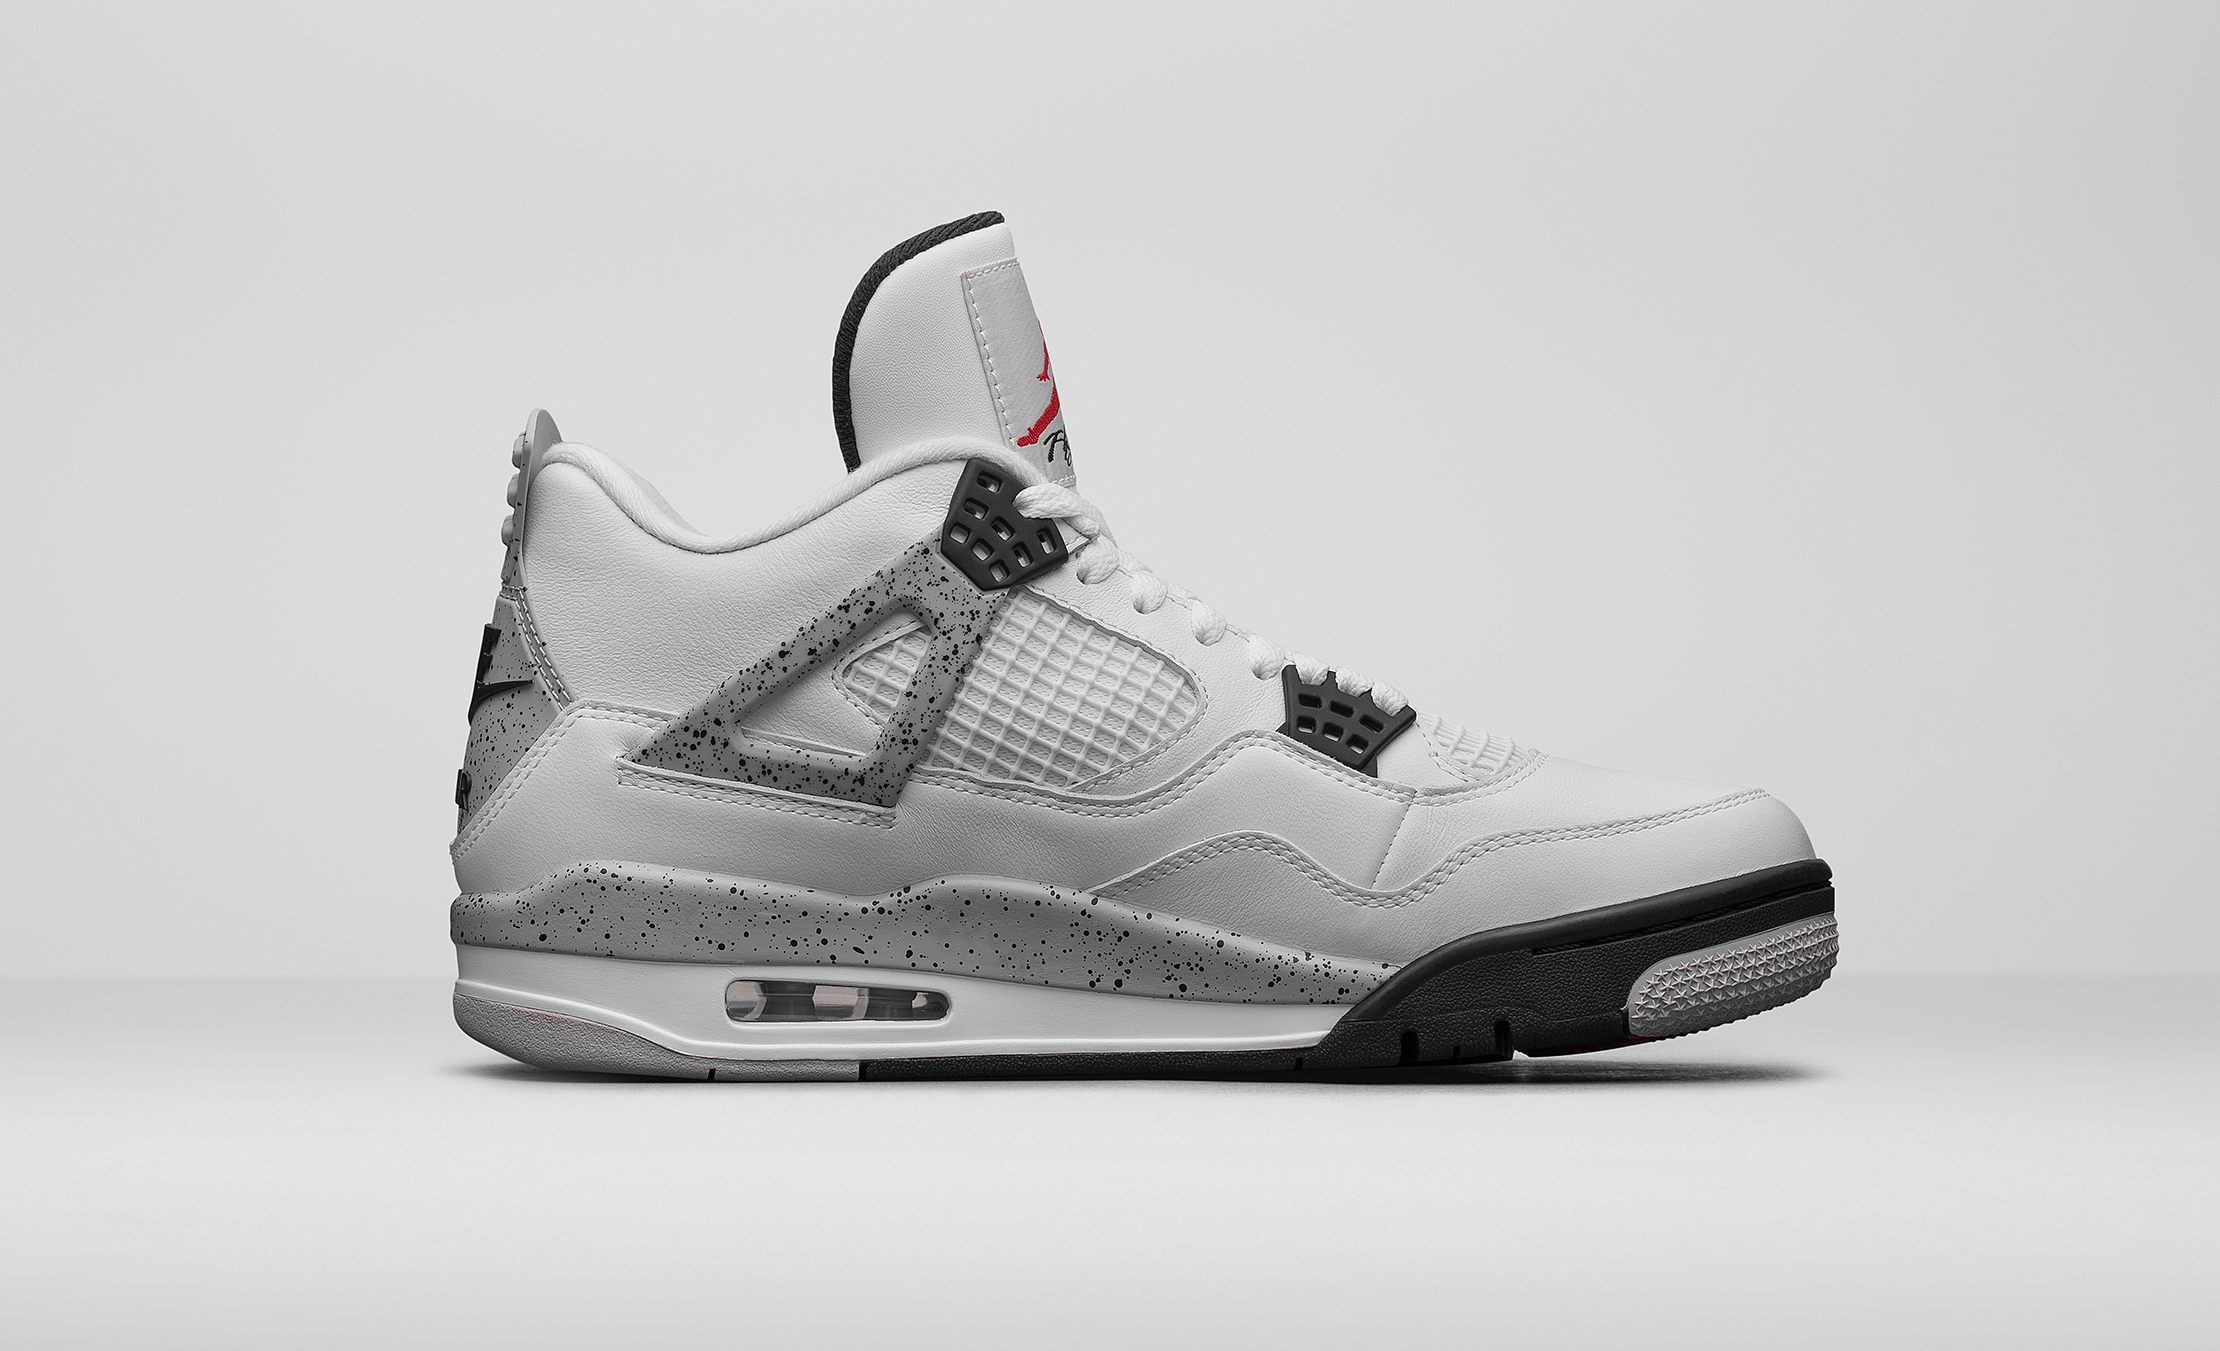 Nike Air Jordan 4 White Cement 2016 | WAVE®